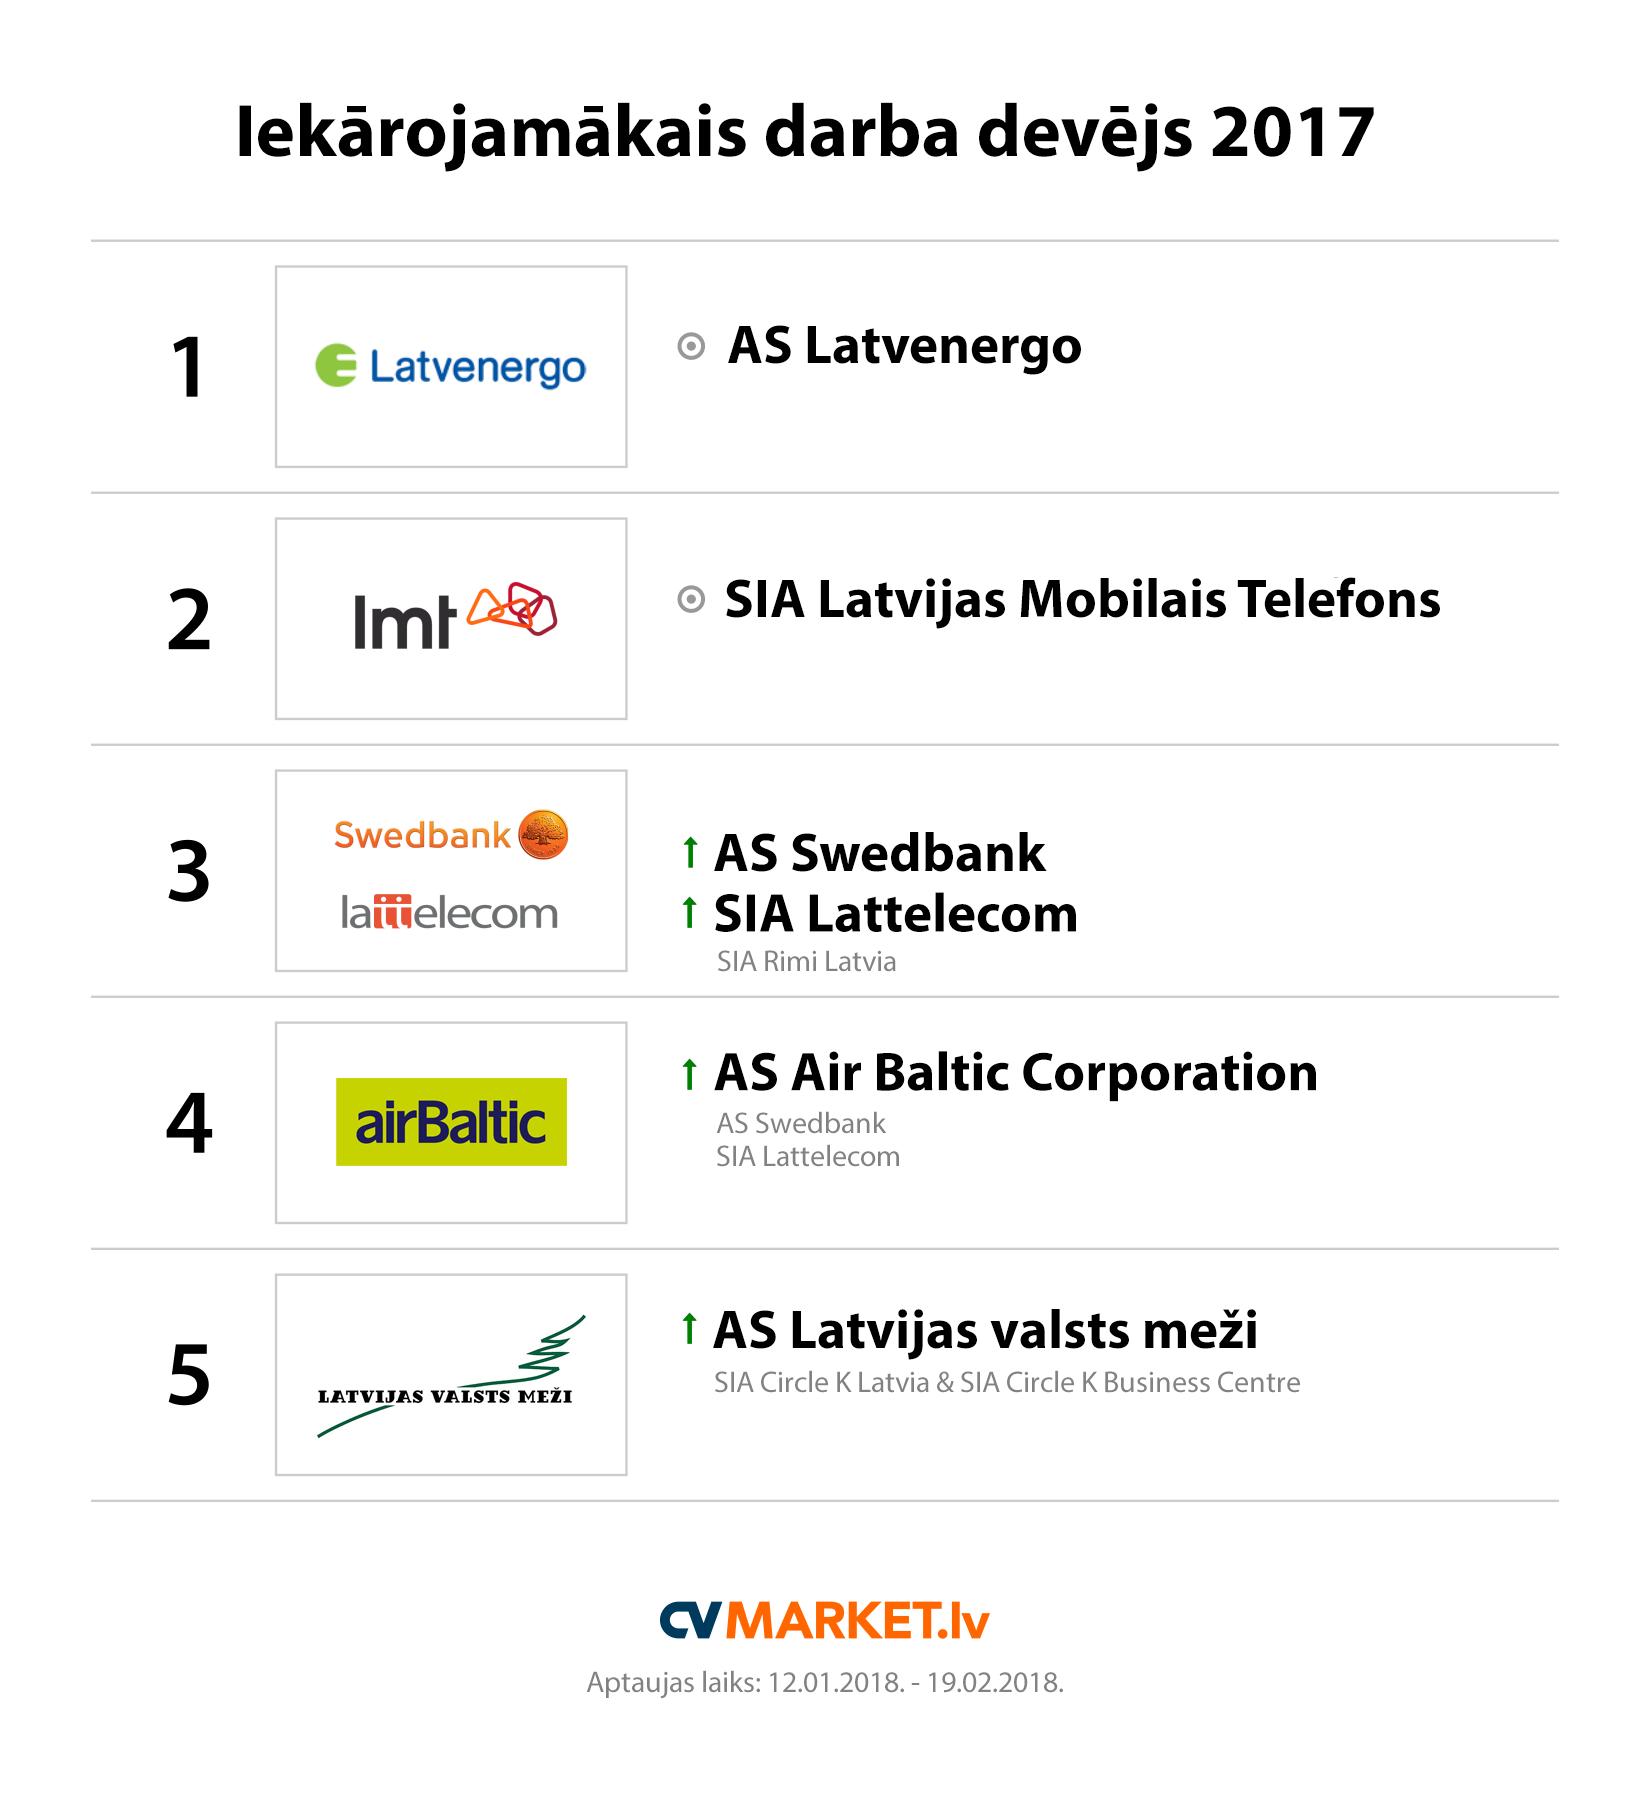 Top 5 darba devēji 2017